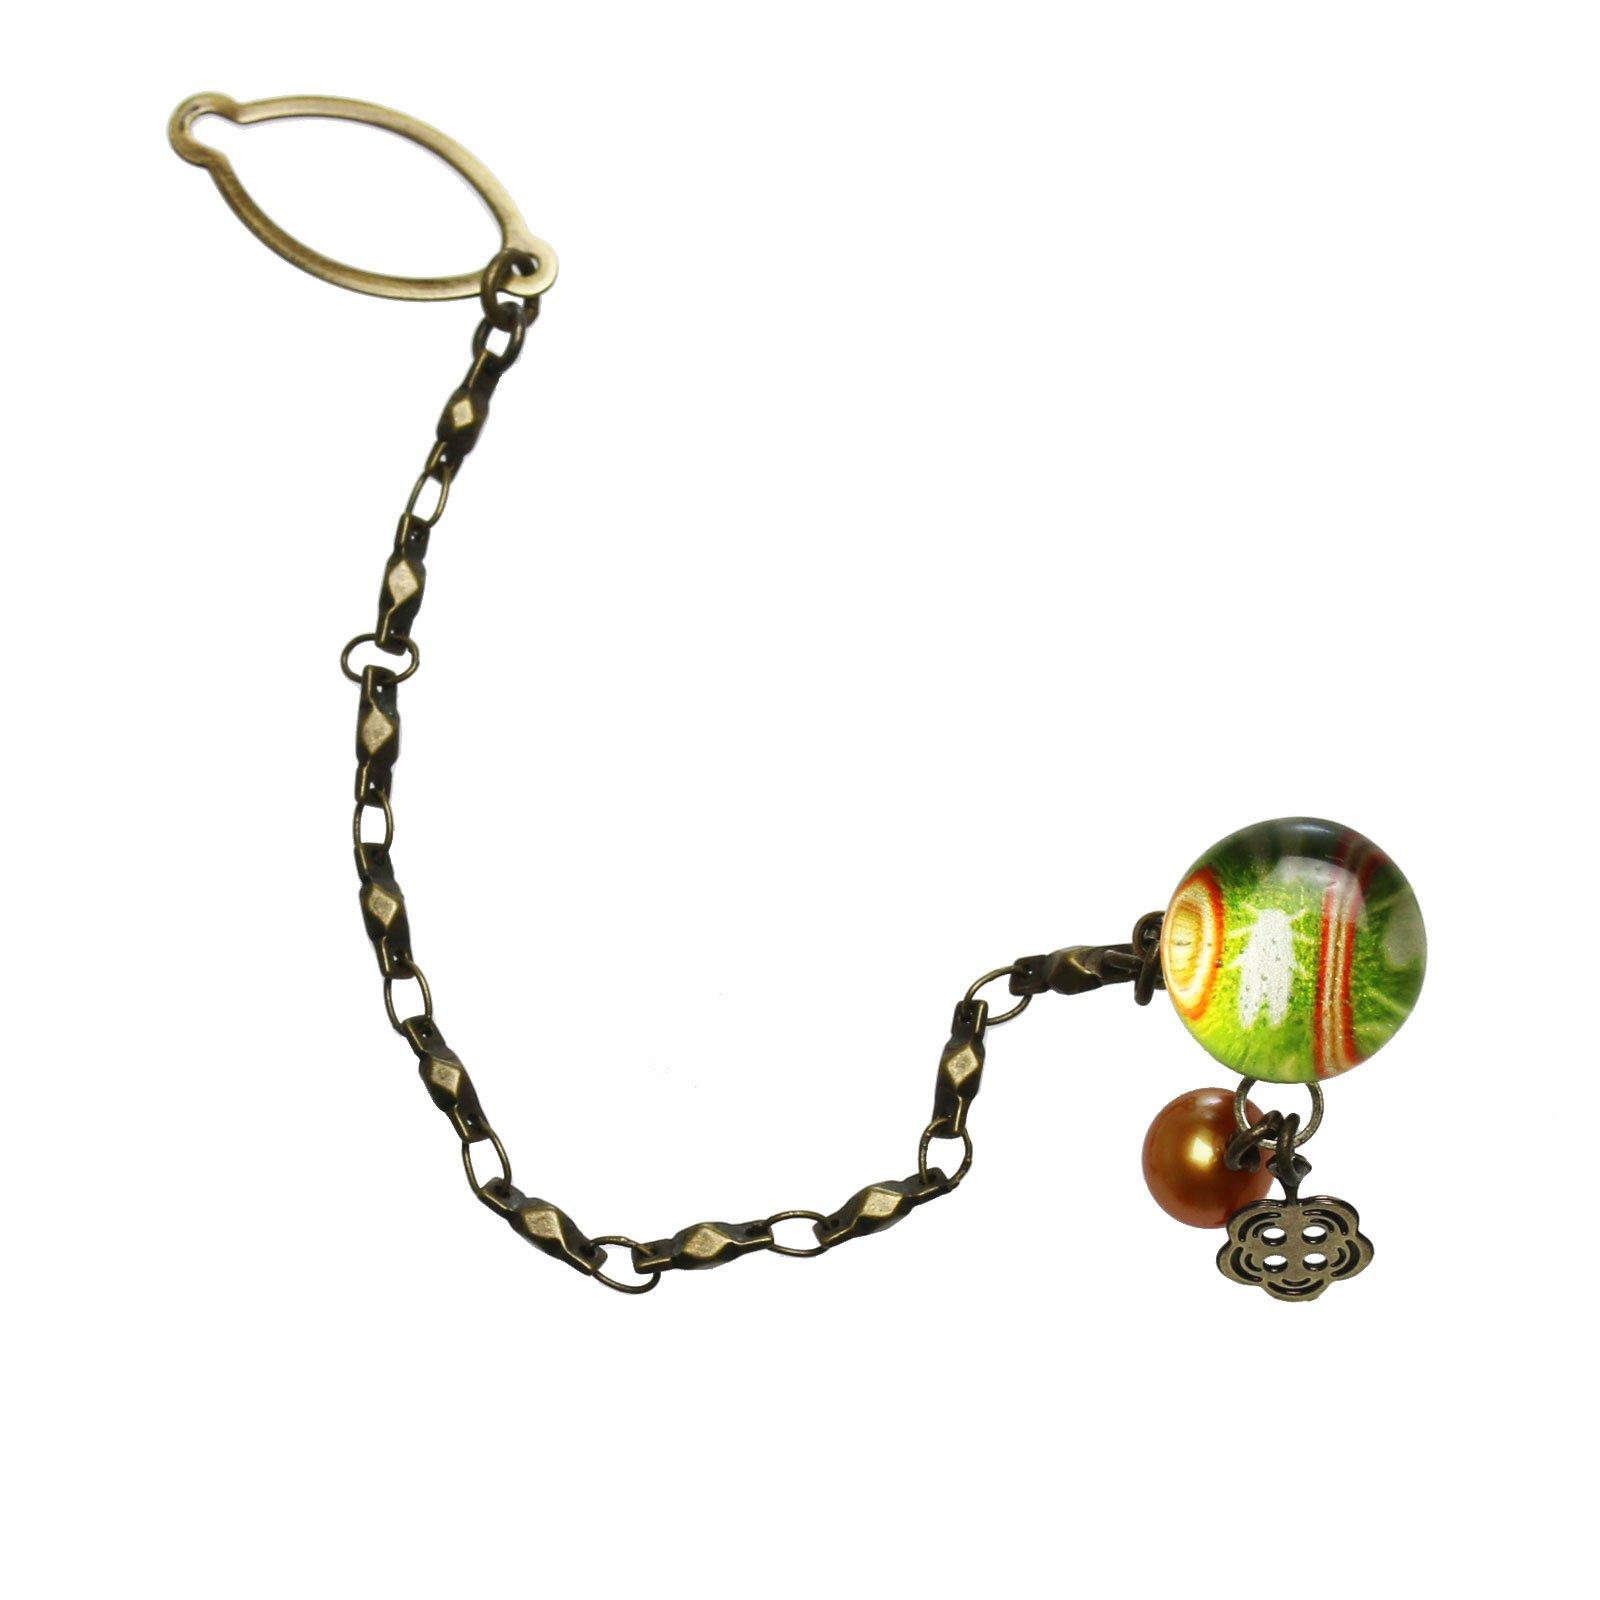 Tamarusan Tie Tack Pin Cicada Freshwater Pearl Green Tie Pin Tie Pin